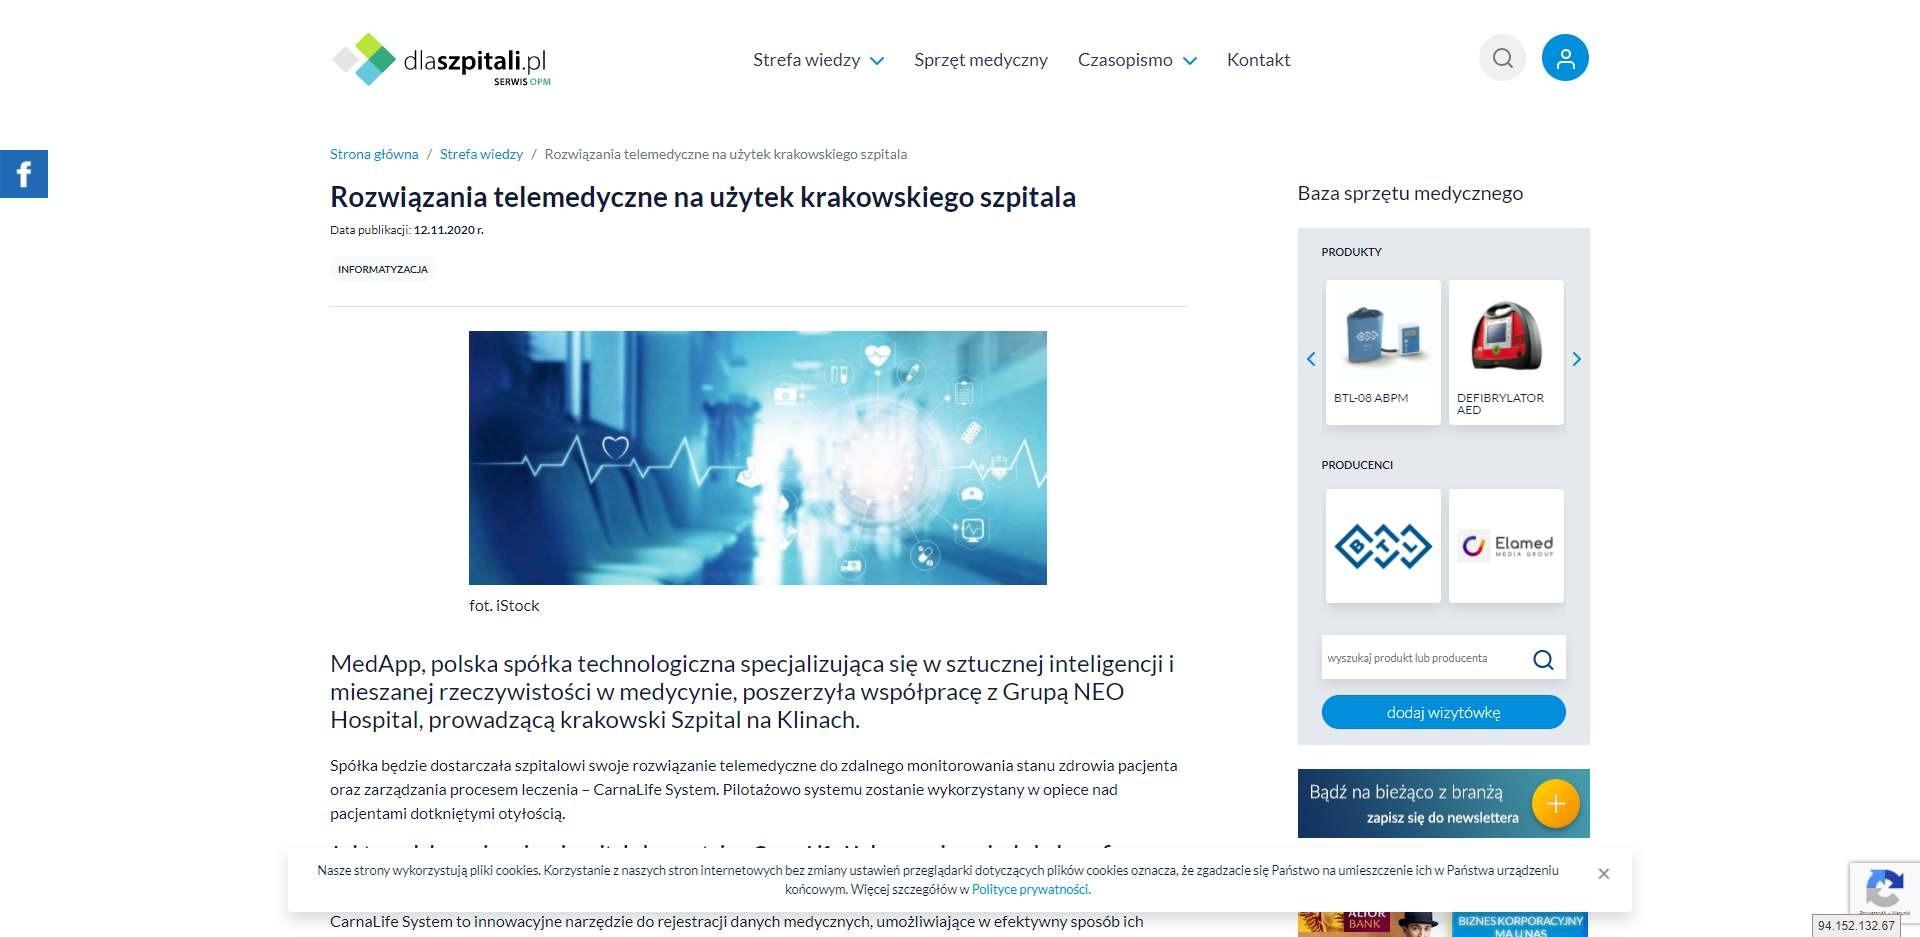 rozwiazania telemedyczne na uzytek krakowskiego szpitala